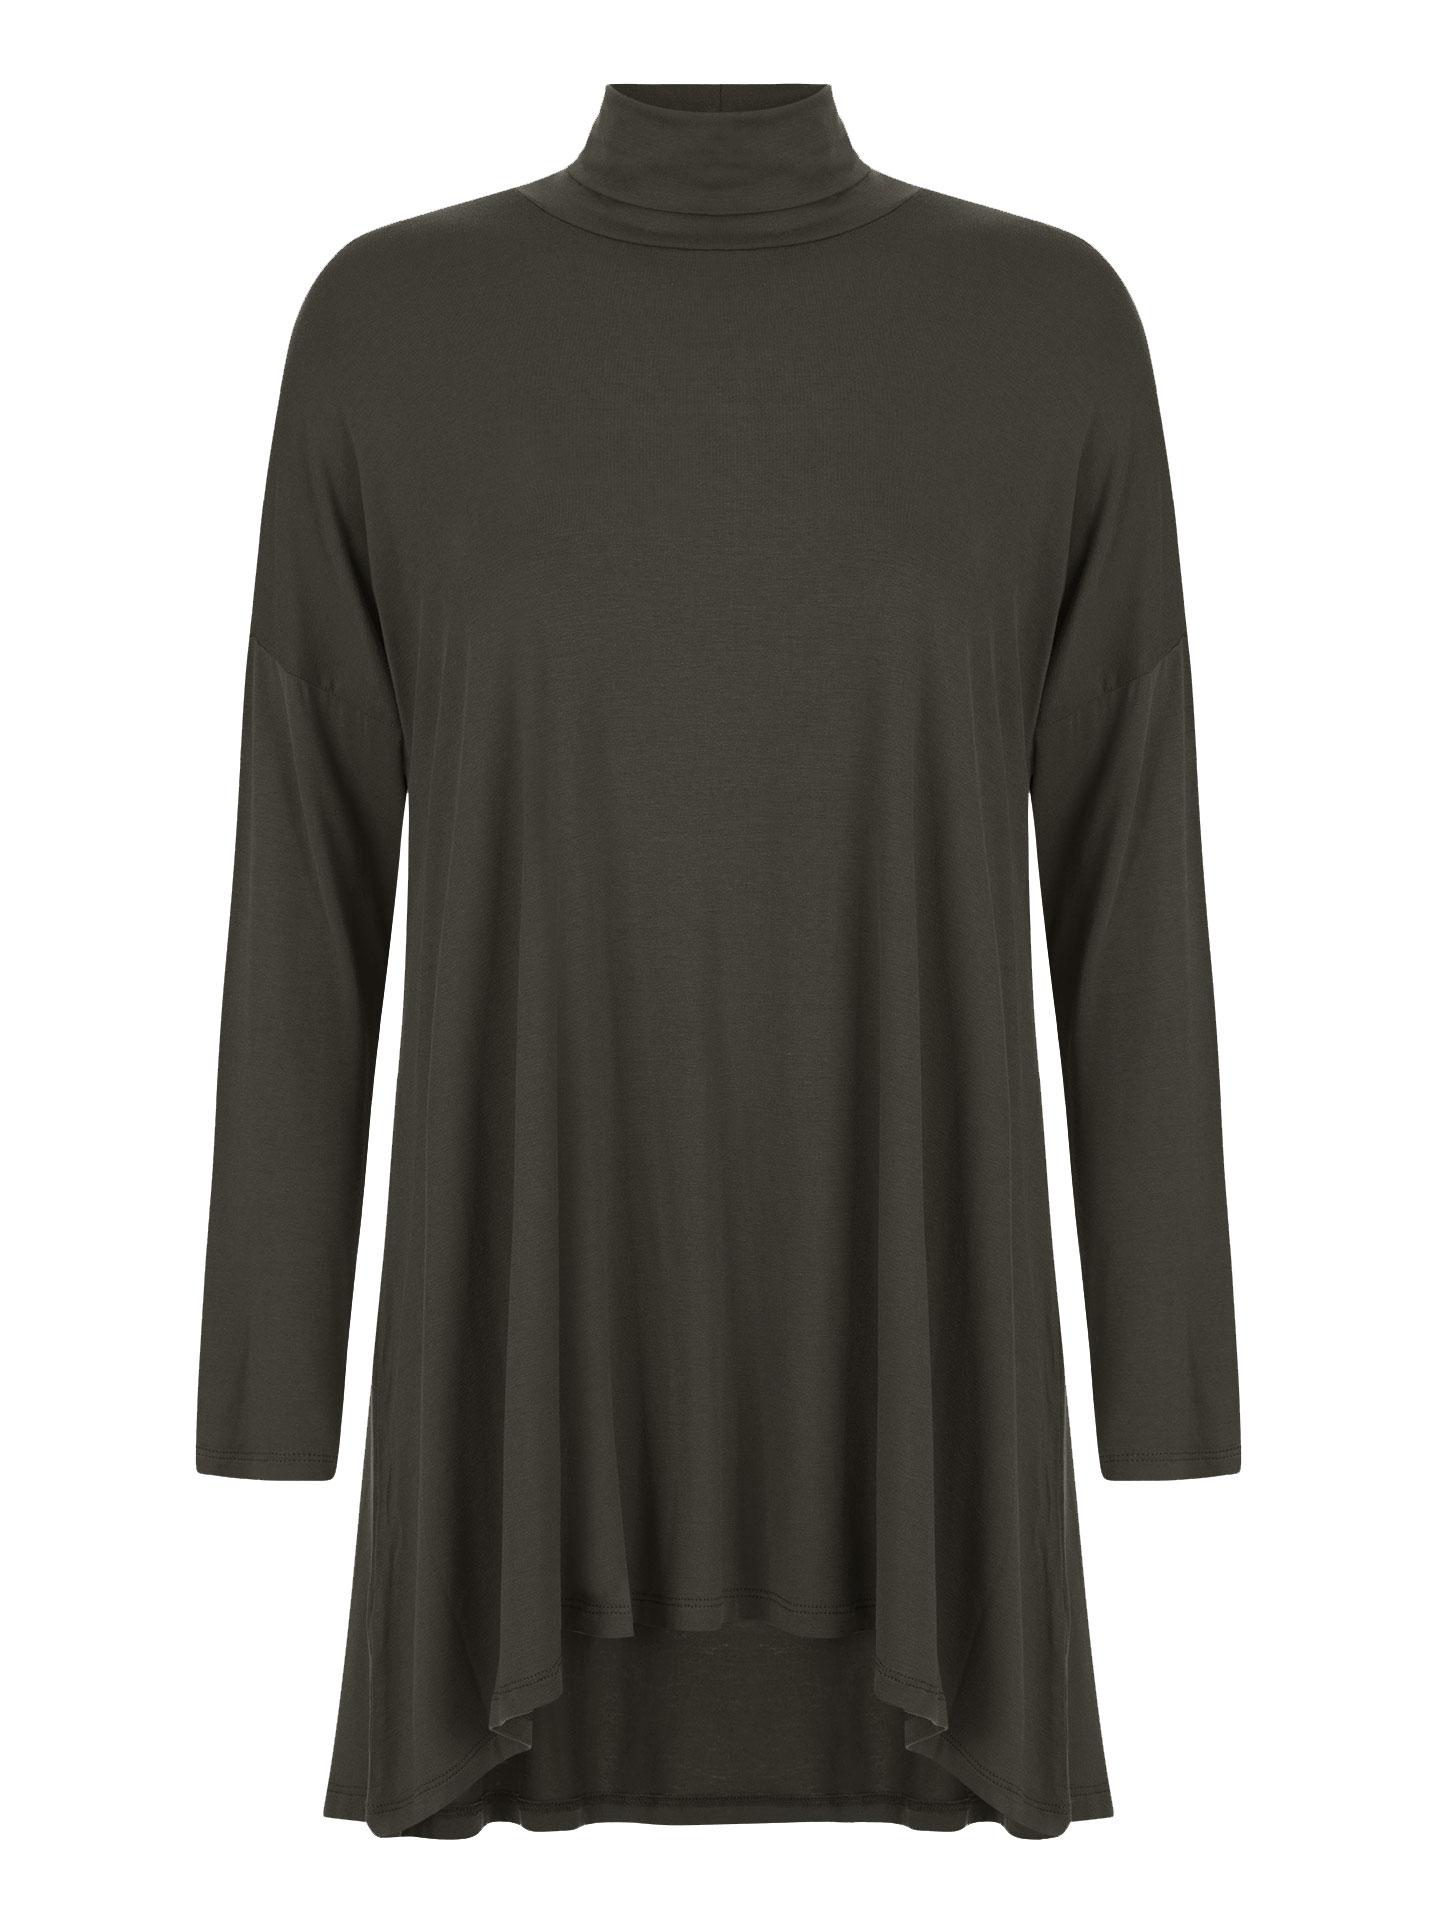 Μακριά ζιβάγκο μπλούζα curvy σε ανθρακι be557ab5088